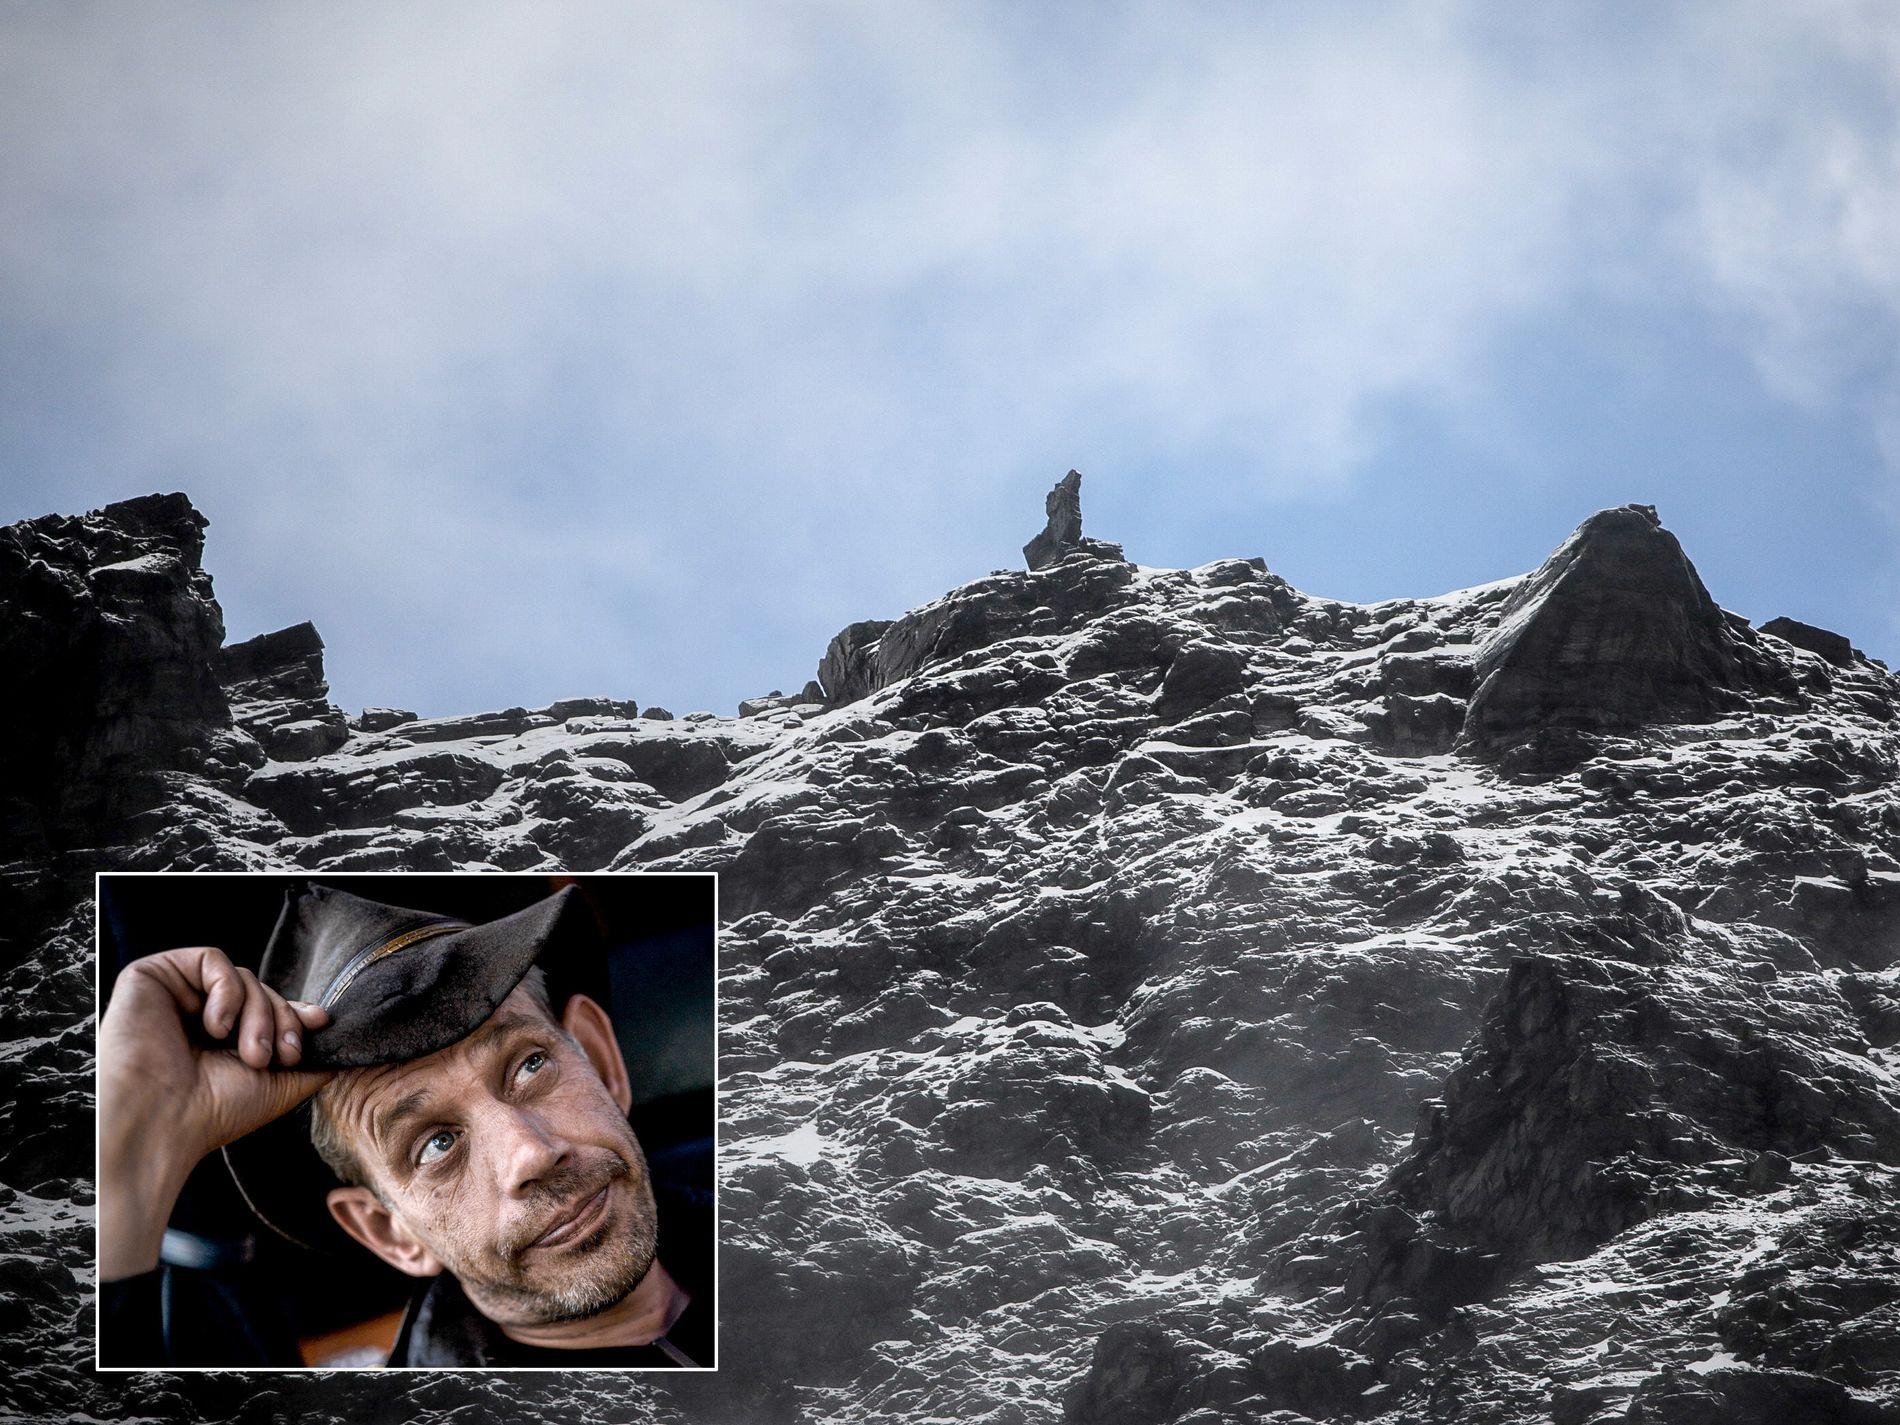 TILBYR SIN HJELP: Leif Einar Lothe mener det hadde vært morsomt å sprenge det ustabile fjellpartiet «Veslemannen».